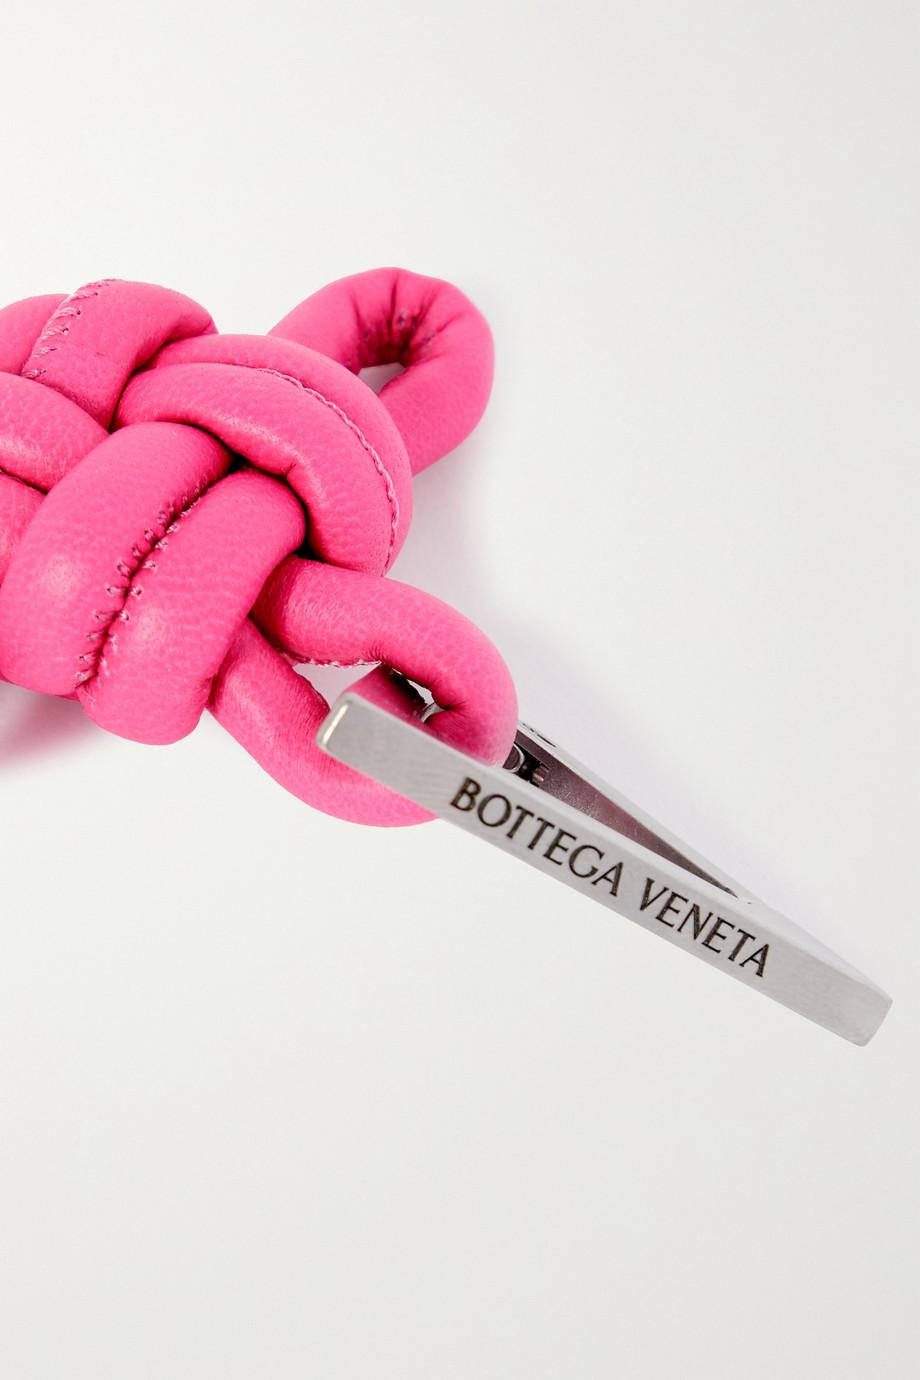 Bottega Veneta Knotted leather keyring